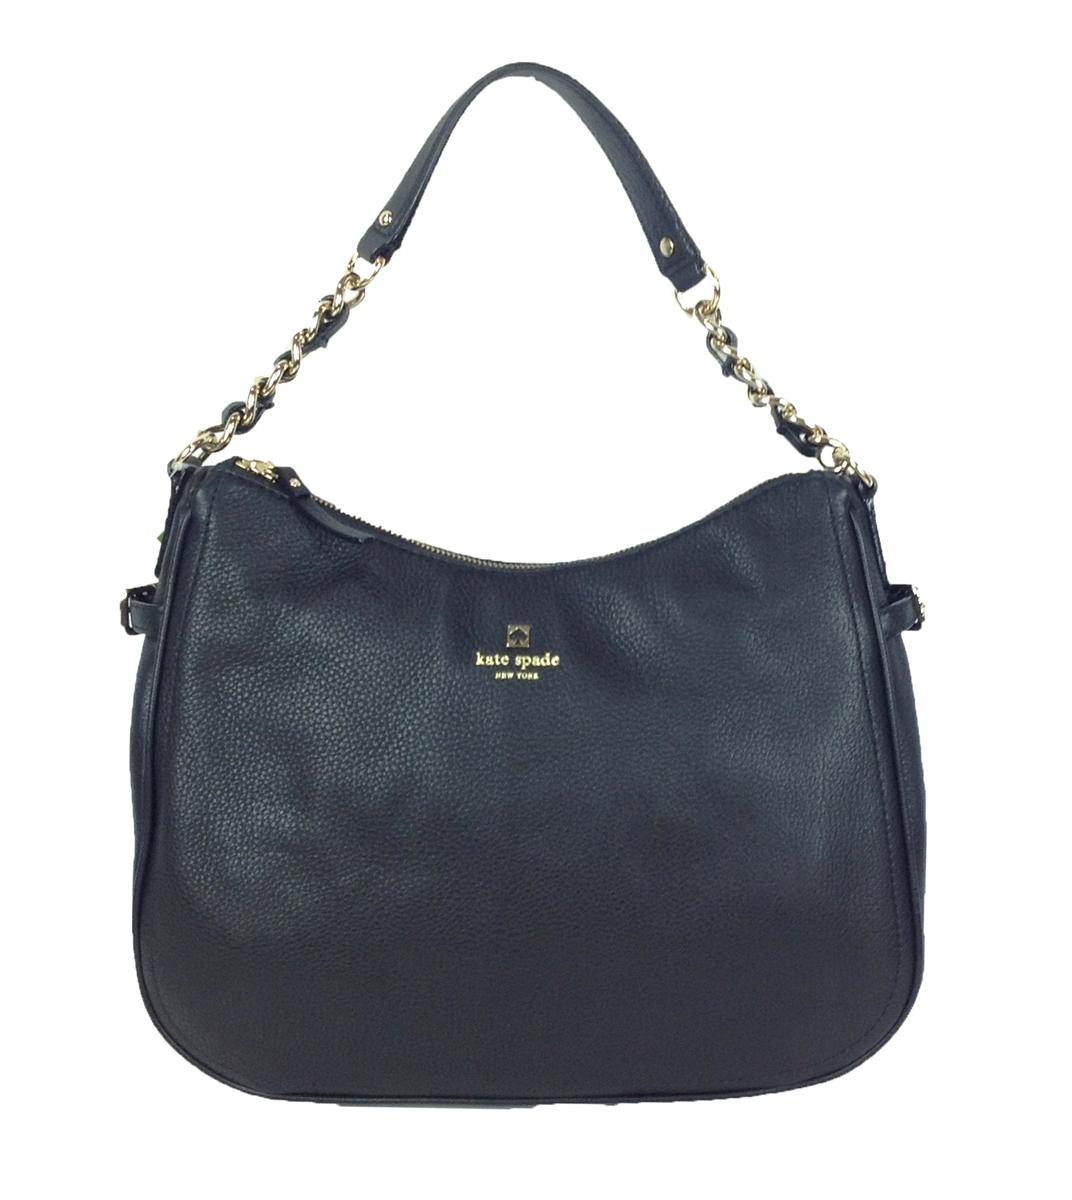 Kate Spade Pine Street Finley Leather Hobo Bag 80de5e3bf1d06